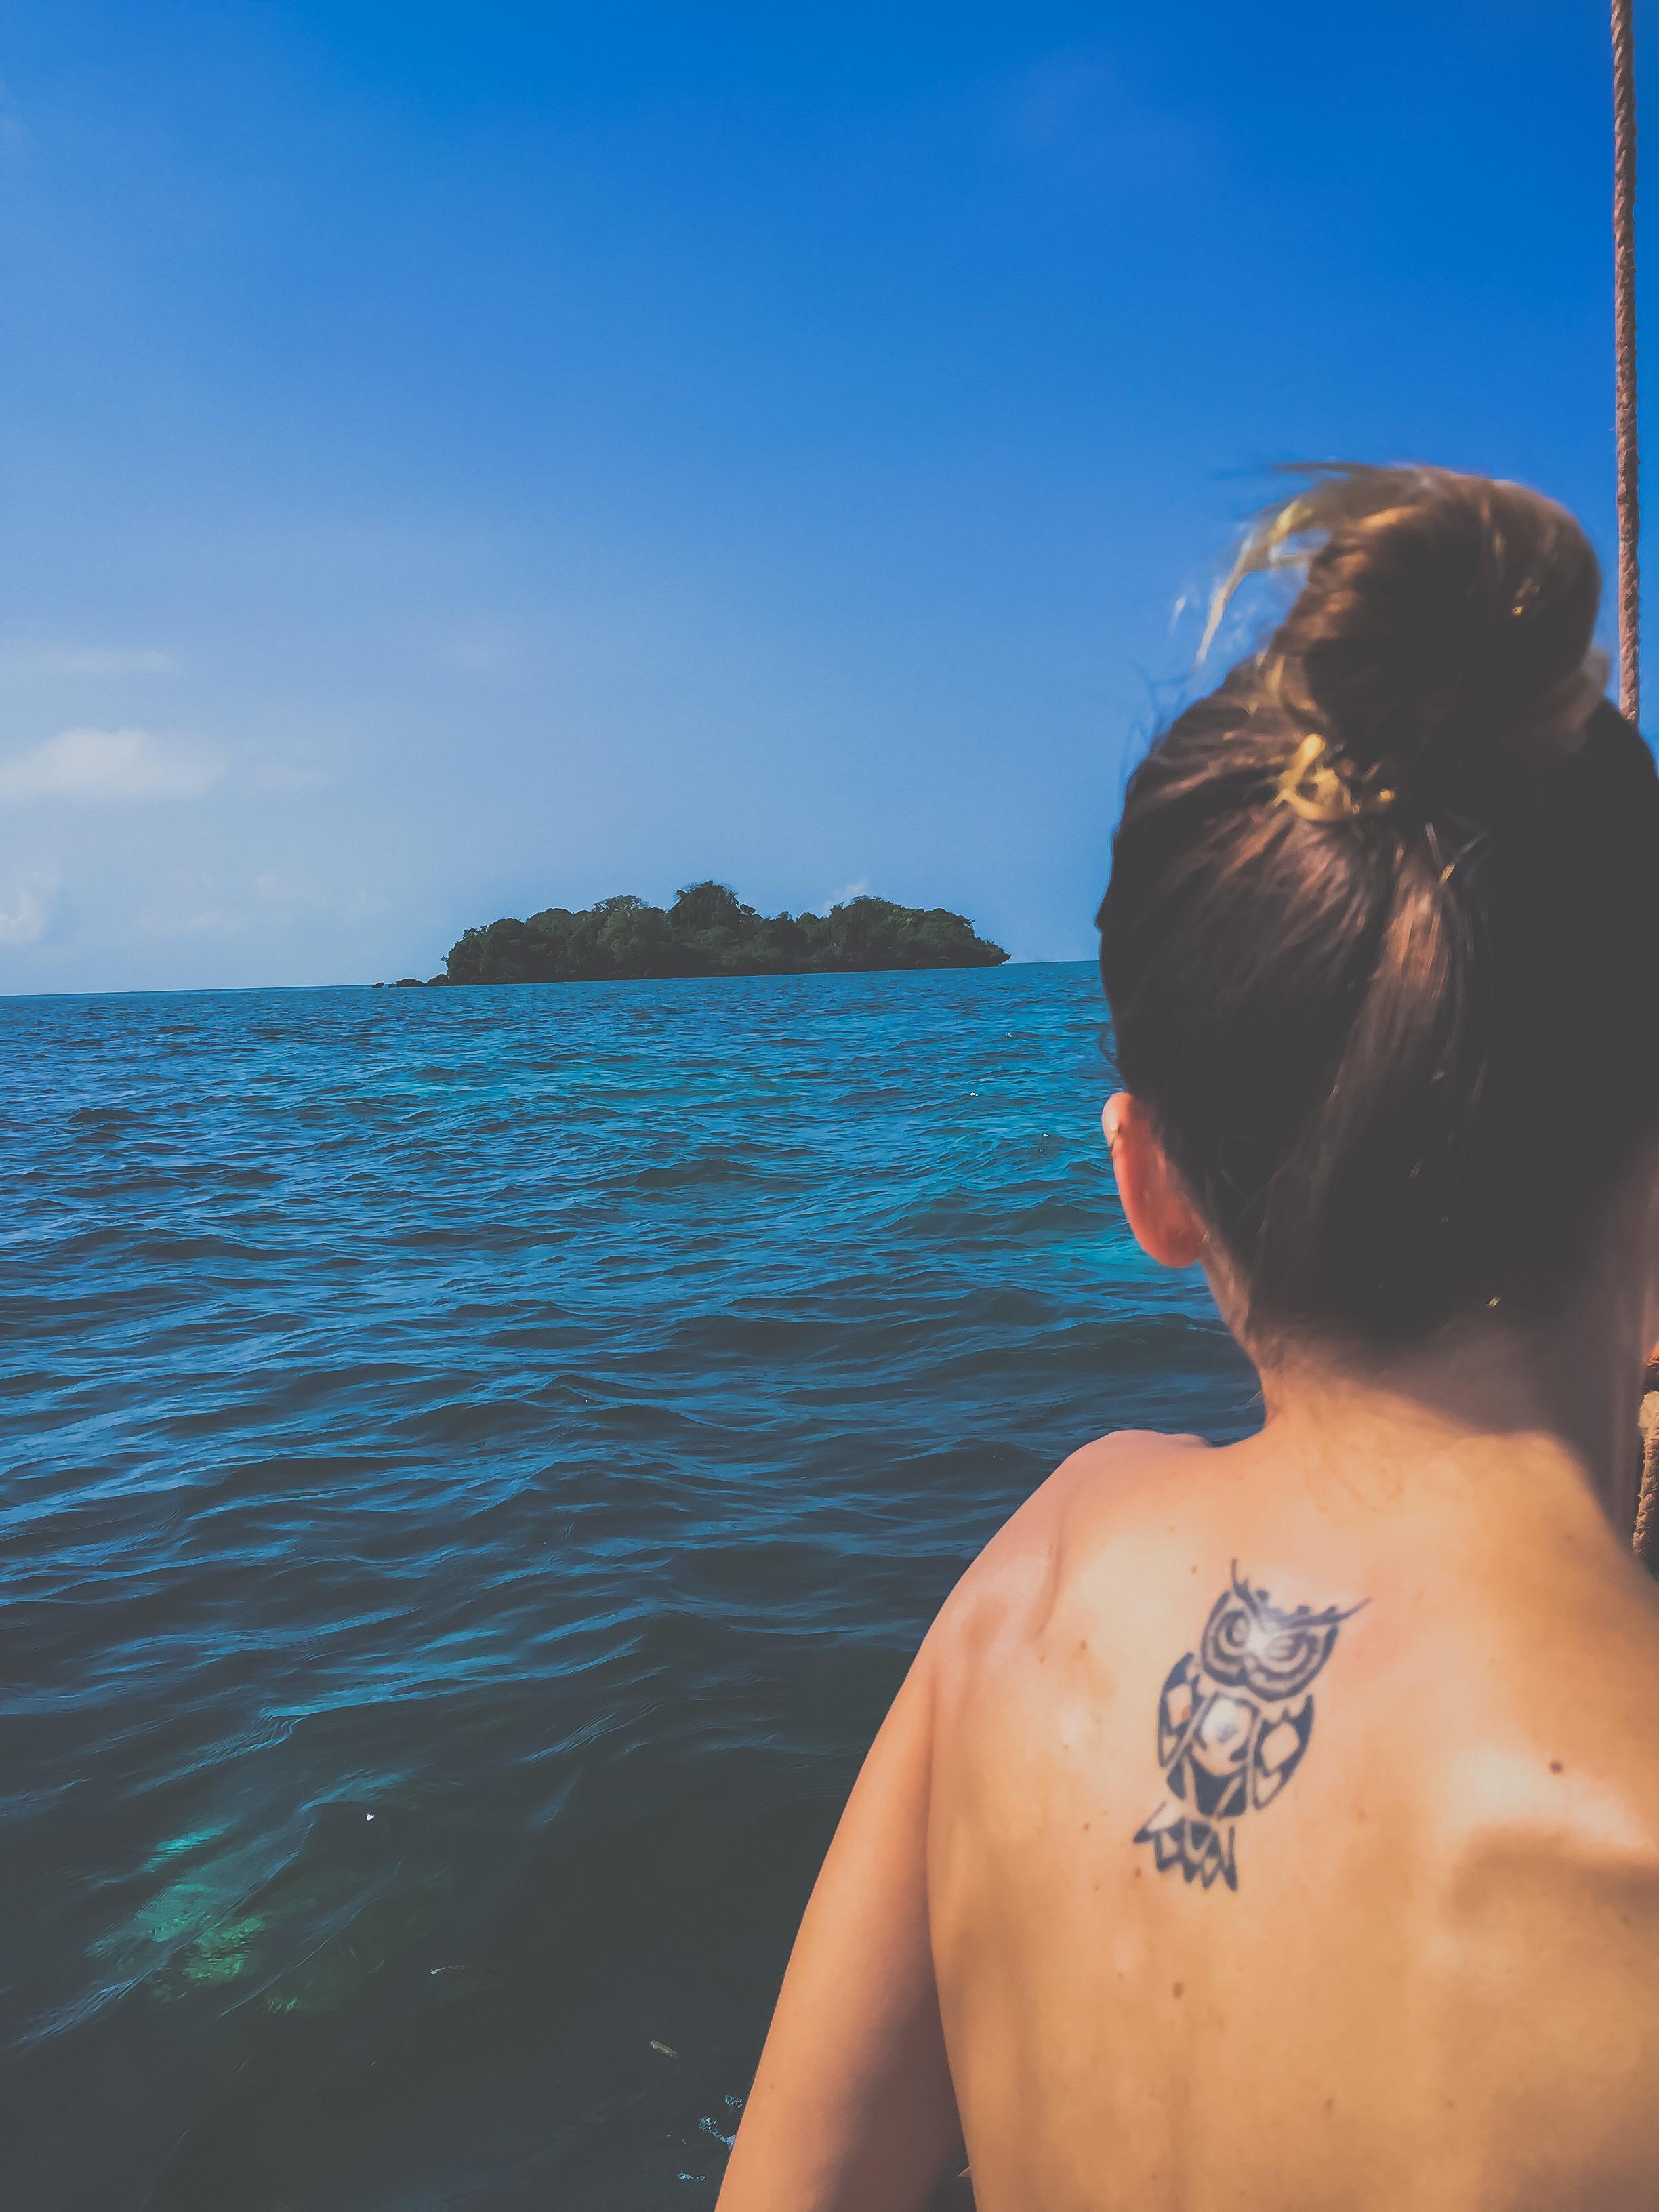 foto di schiena di ragazza al mare